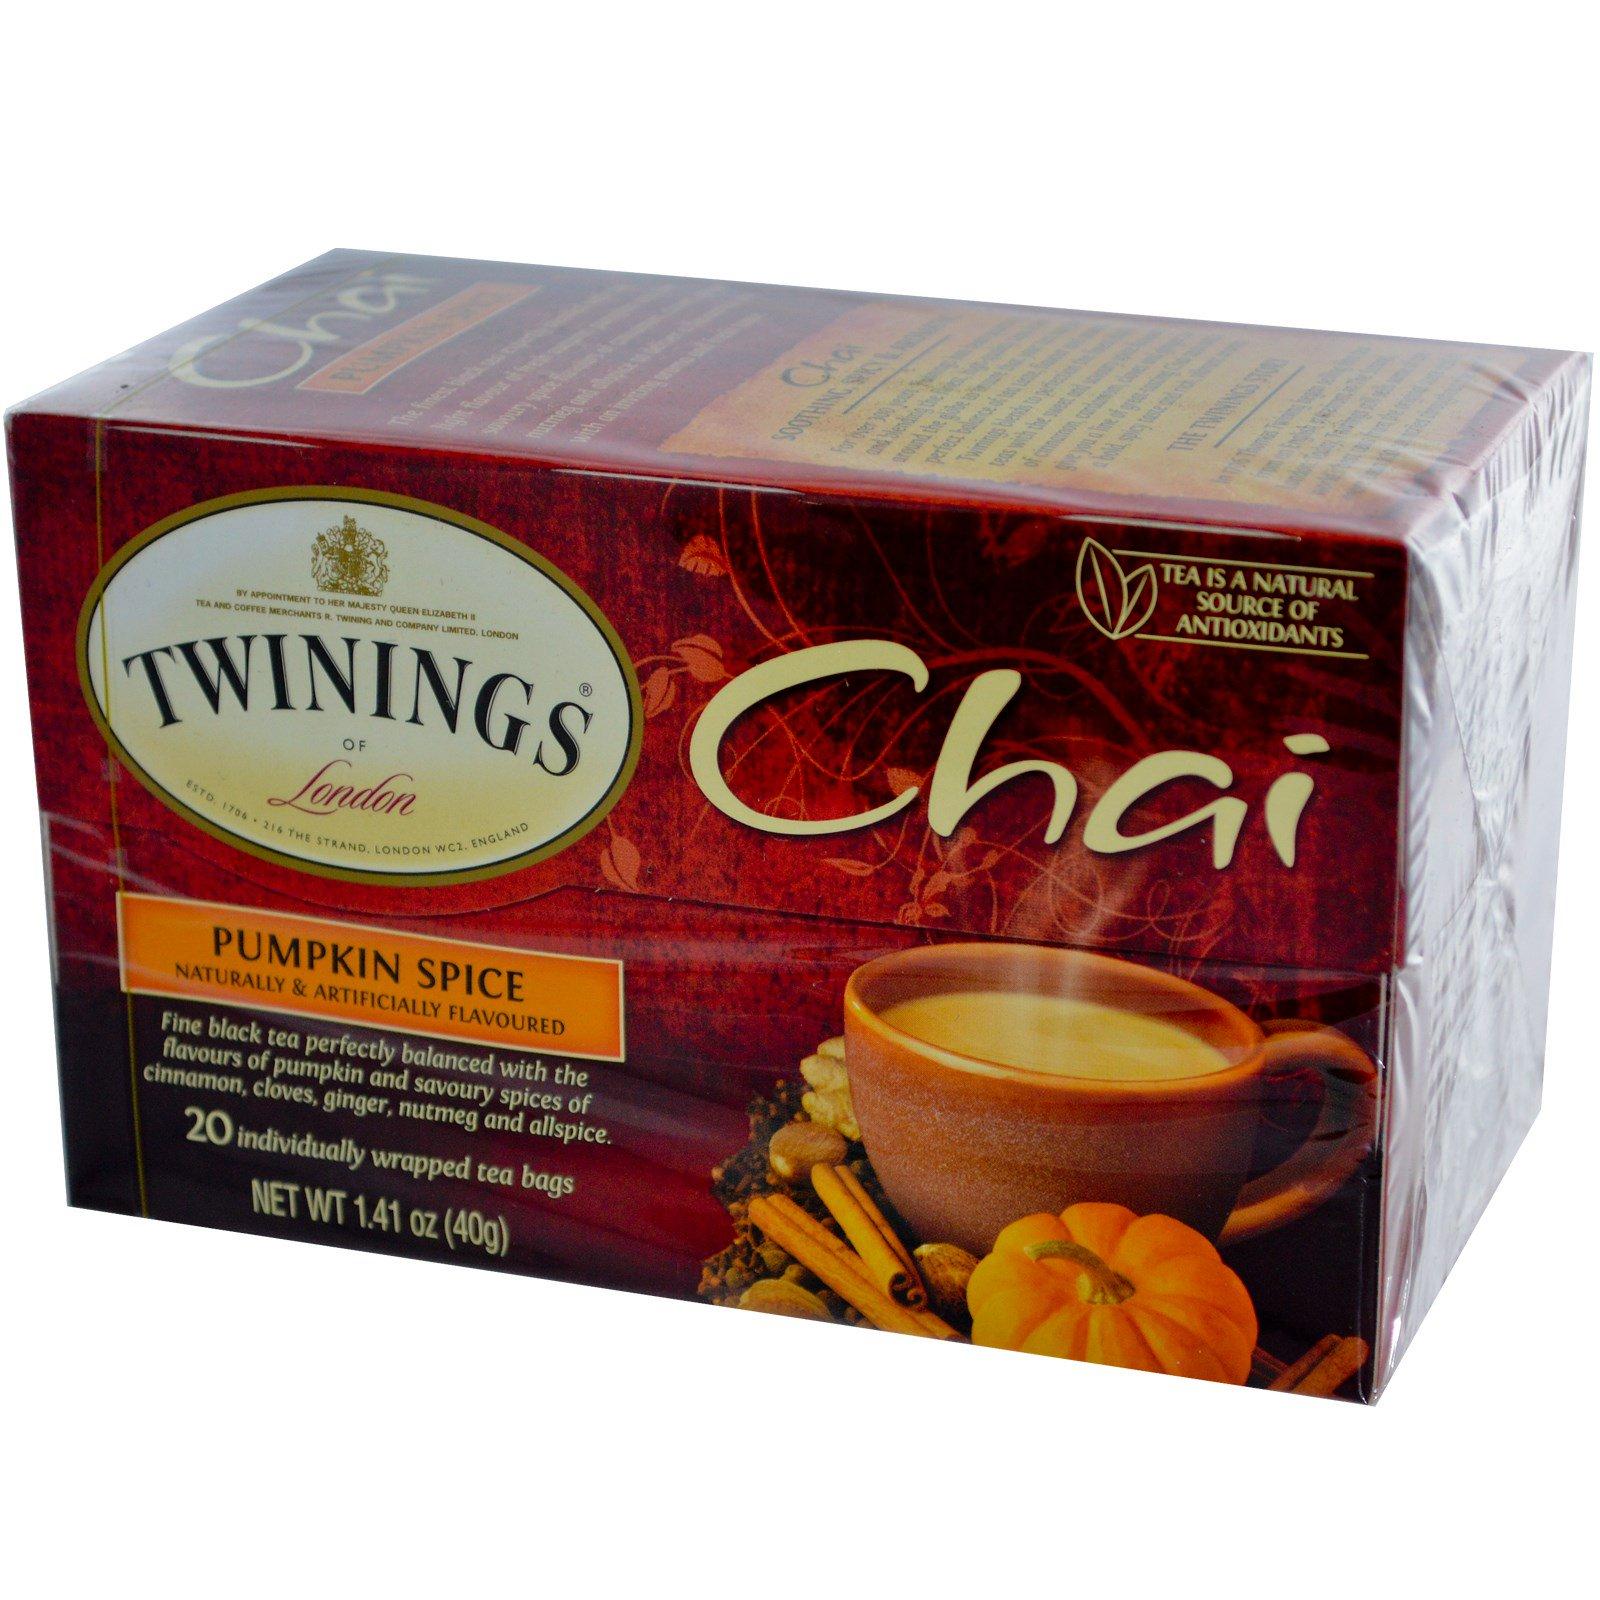 Twinings, Chai, Pumpkin Spice, 20 Tea Bags, 1.41 oz (40 g)